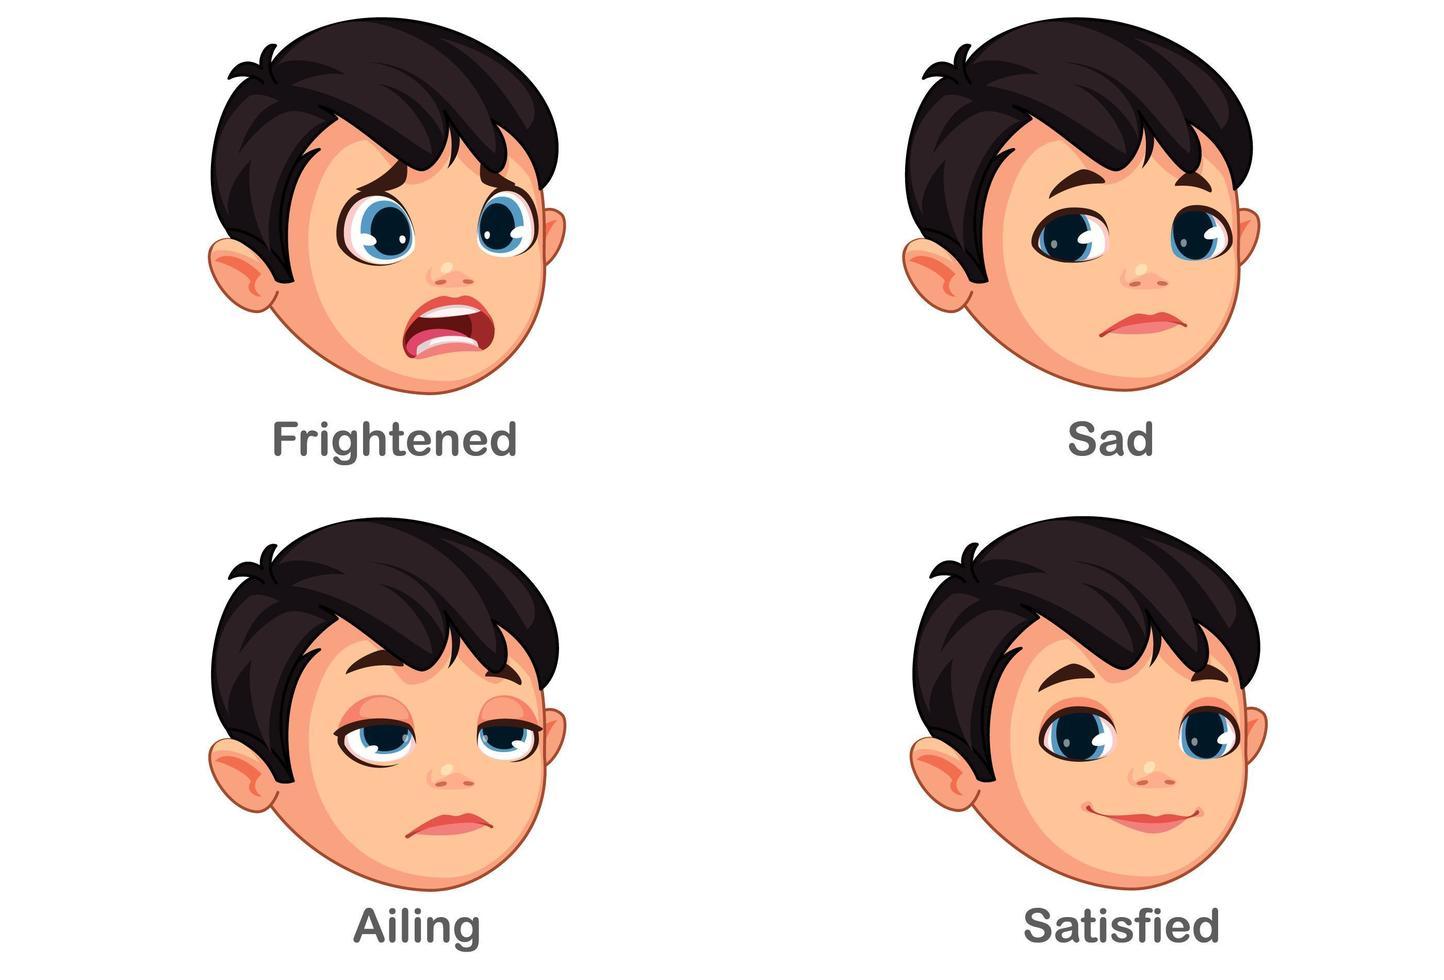 Junge mit unterschiedlichen Gesichtsausdrücken Teil 2 vektor